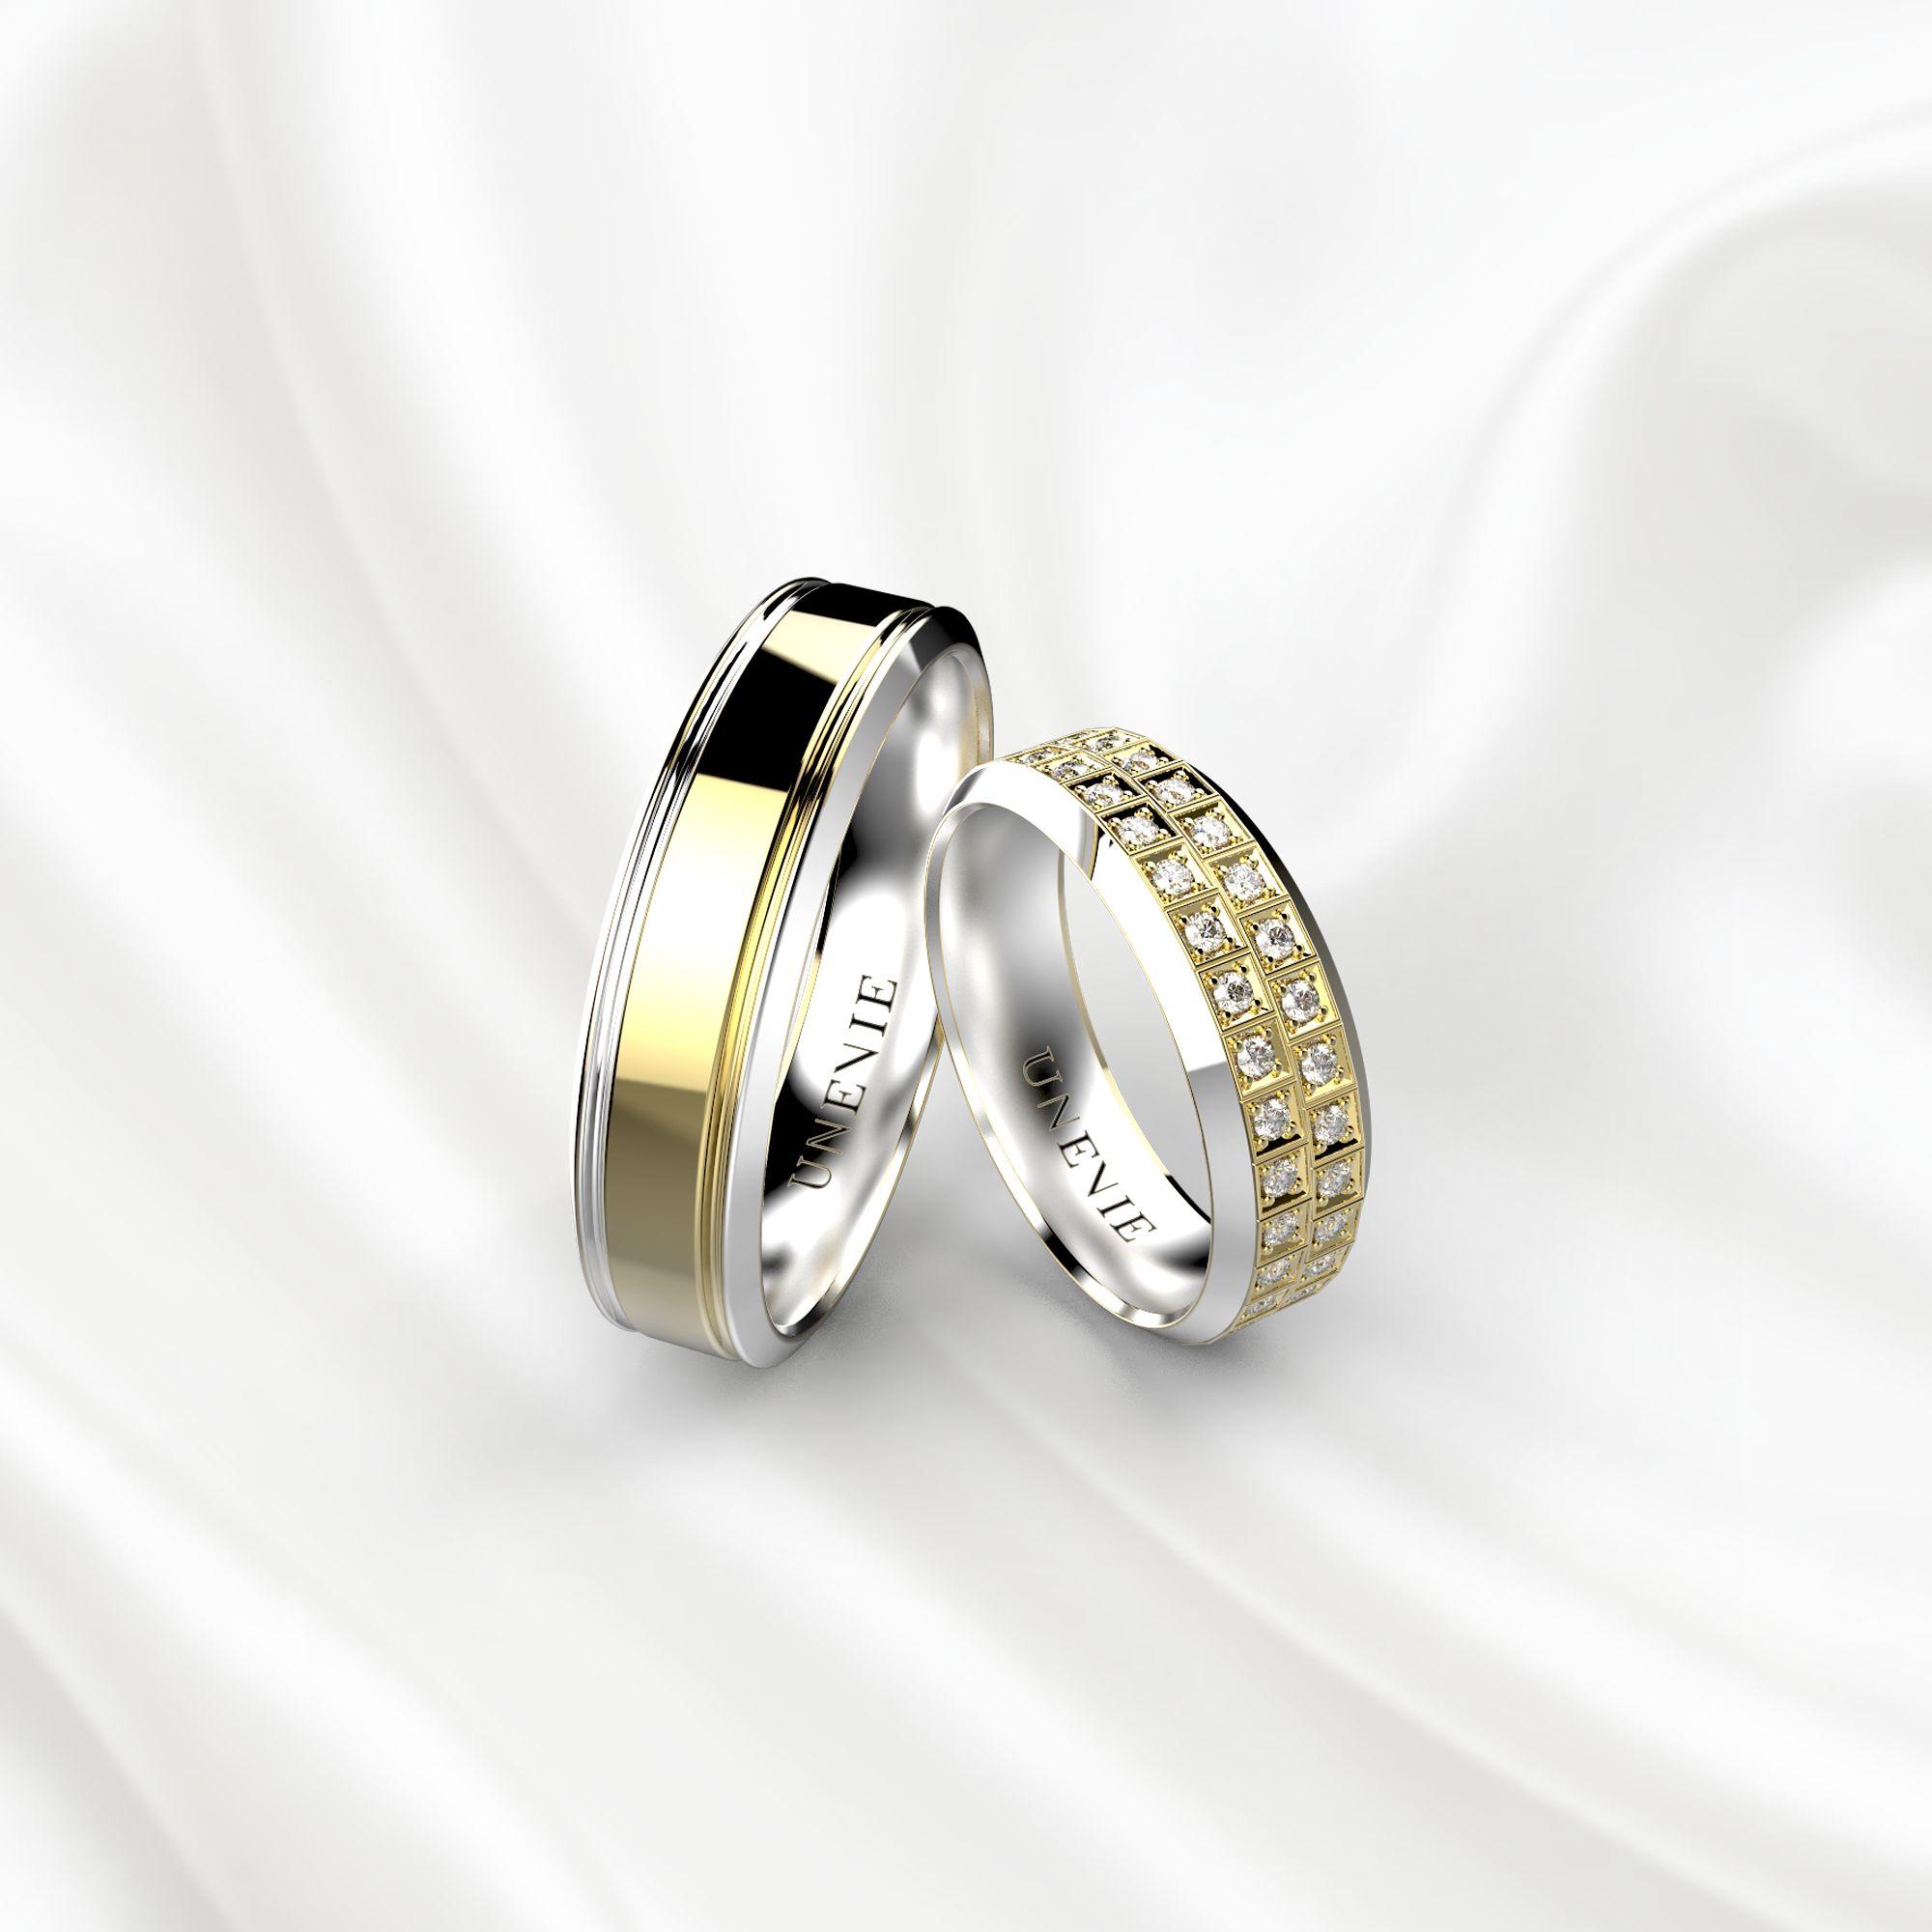 NV21 Обручальные кольца из бело-желтого золота